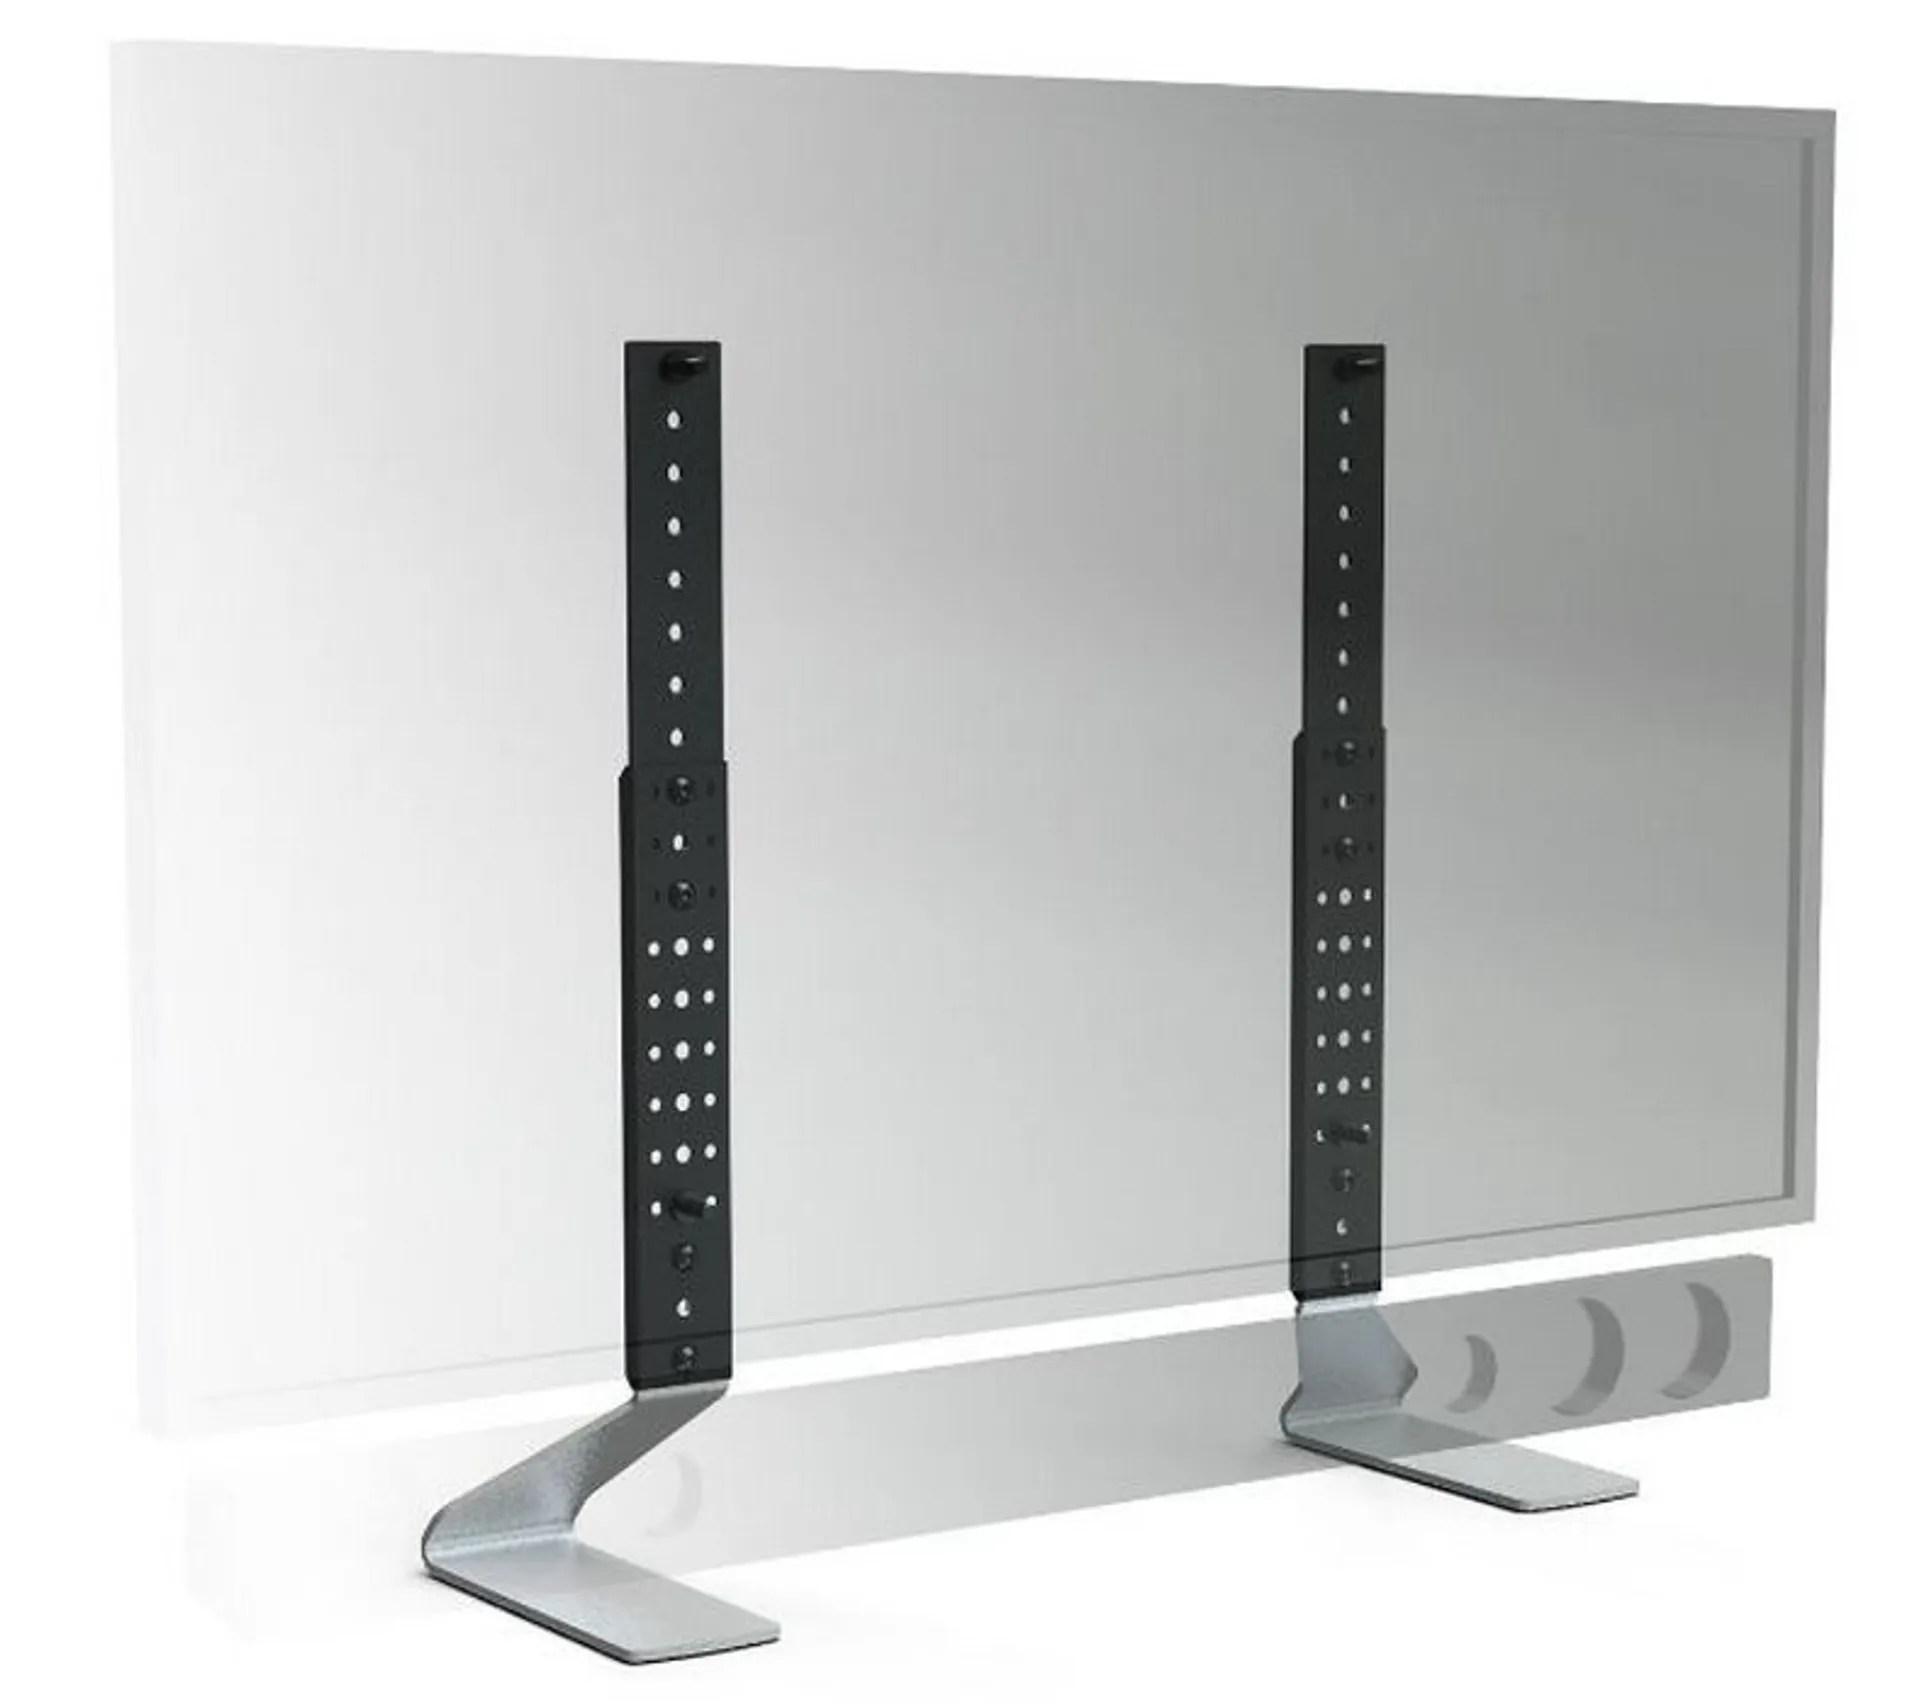 pied tv de table universel pour ecran 20 a 50 035300